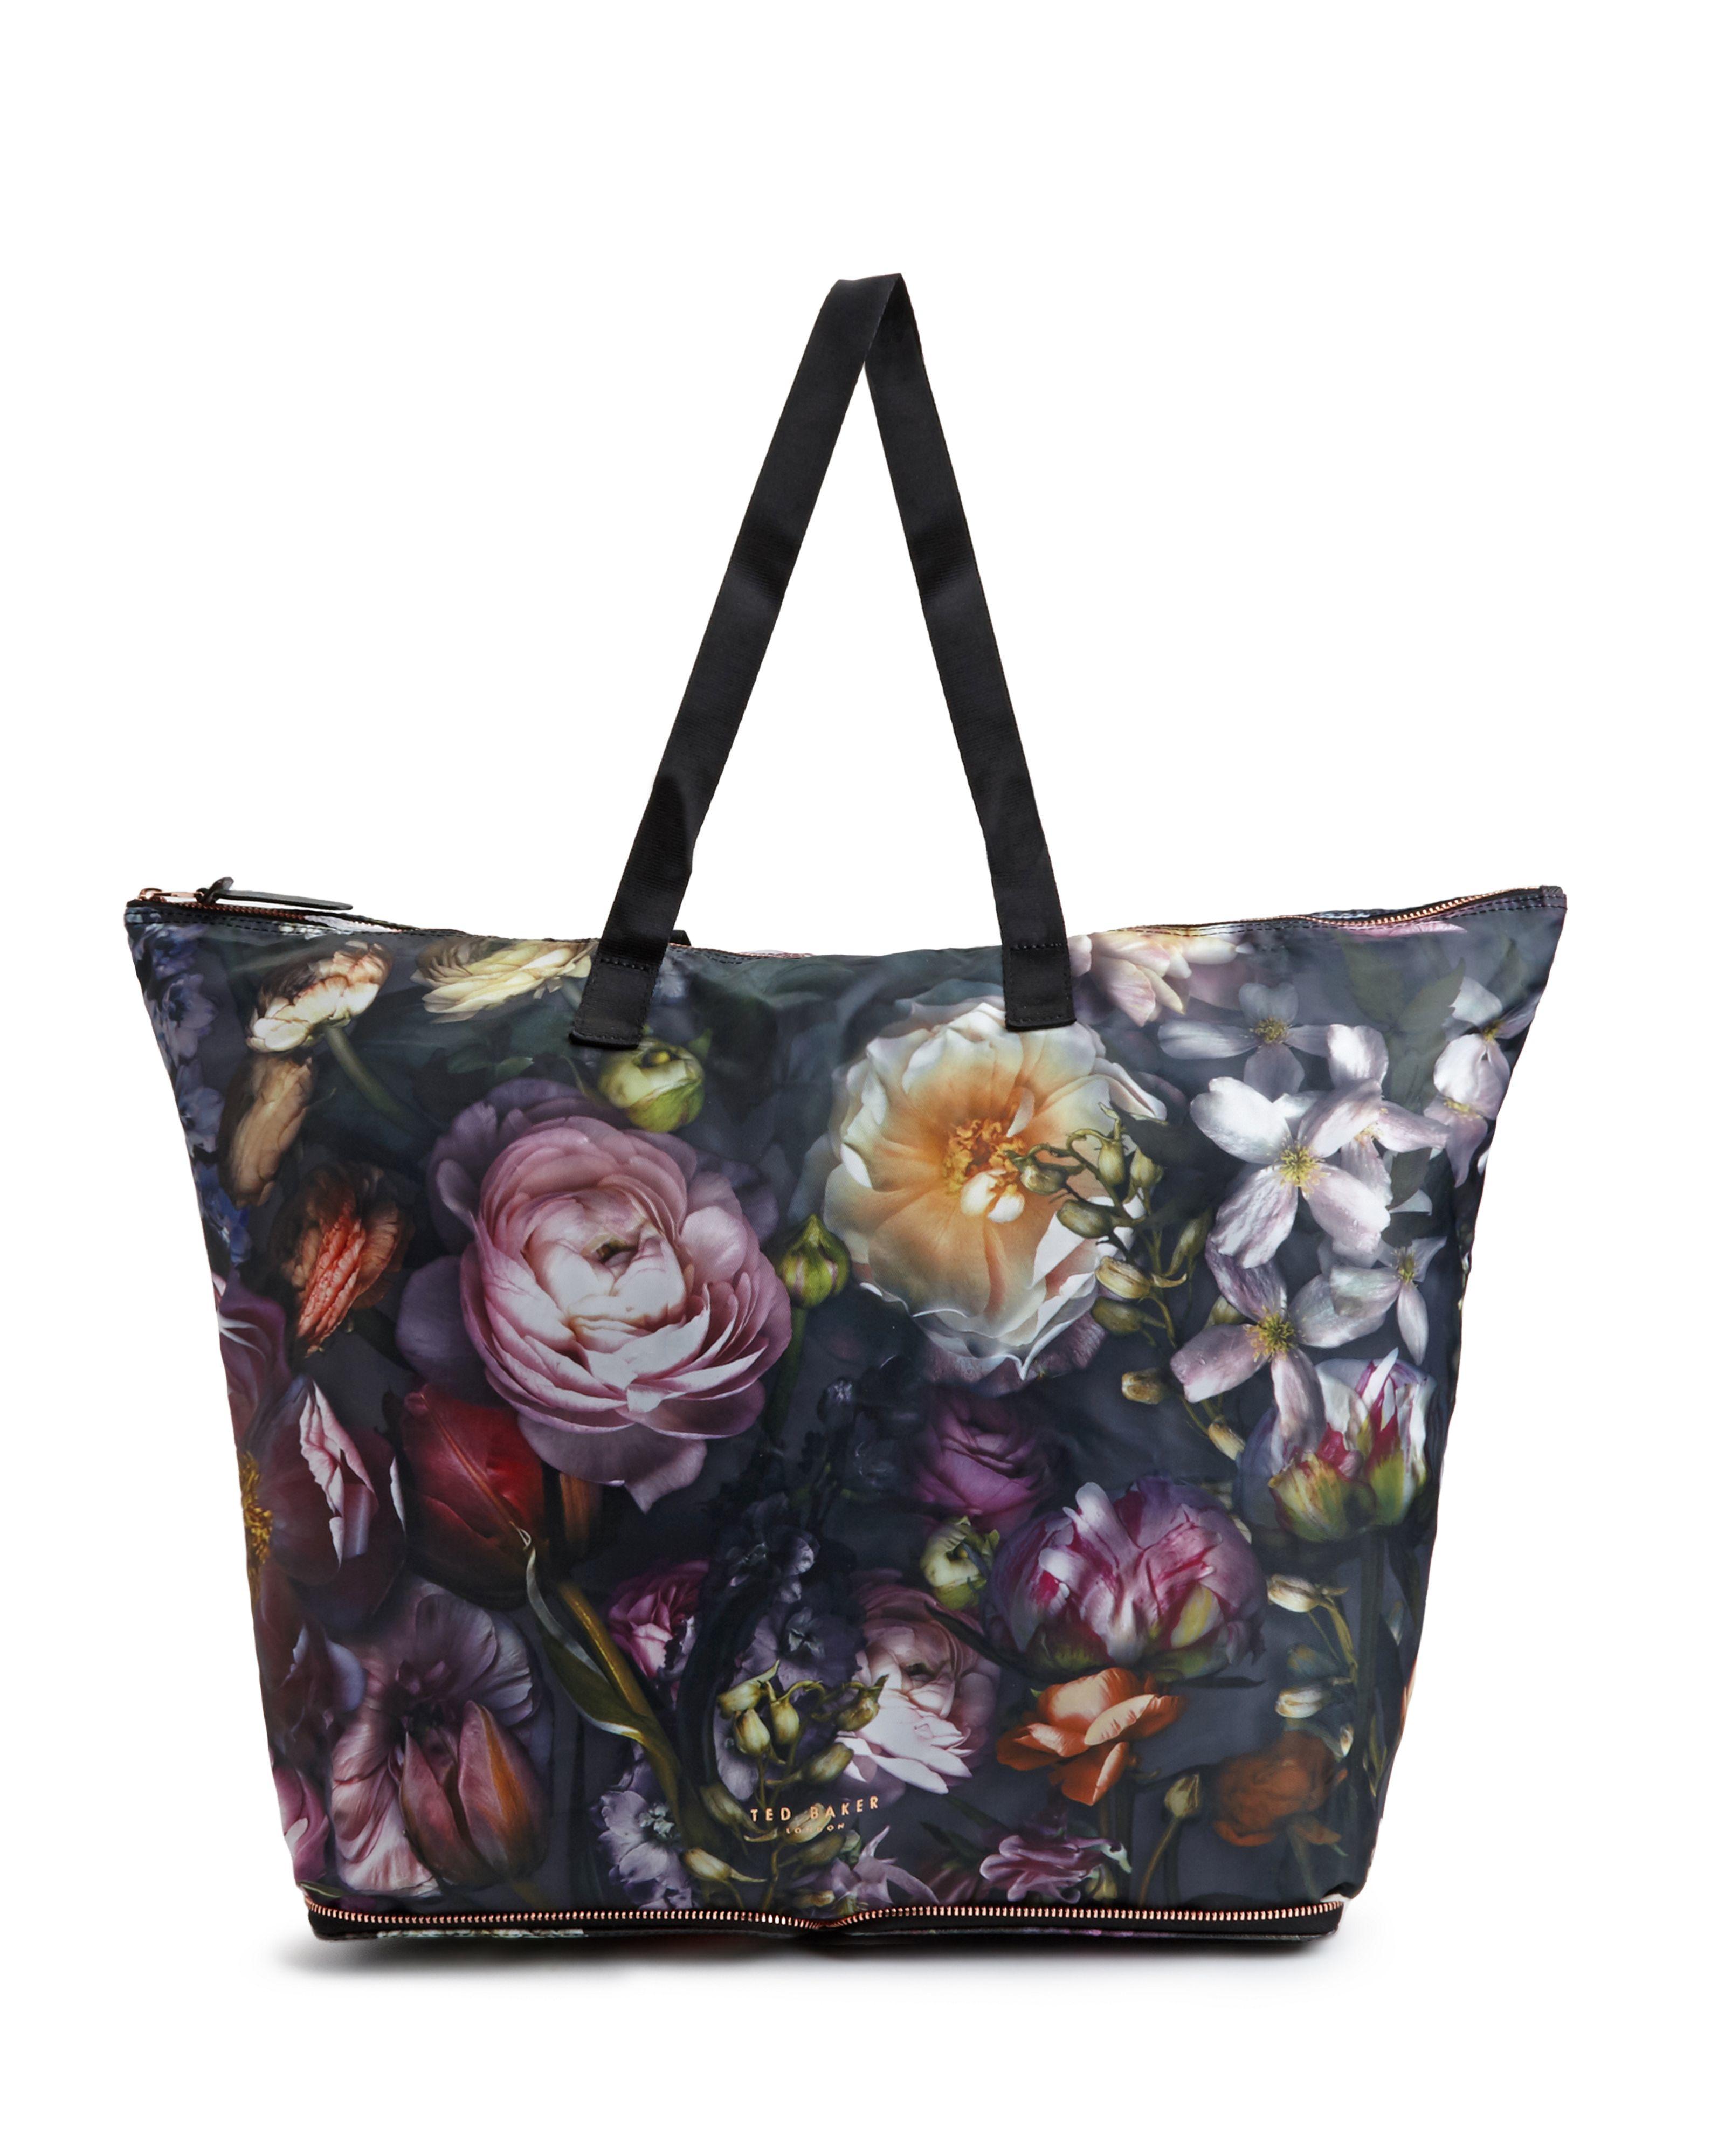 Foldable Shopper Bag Ted Baker O9hYl